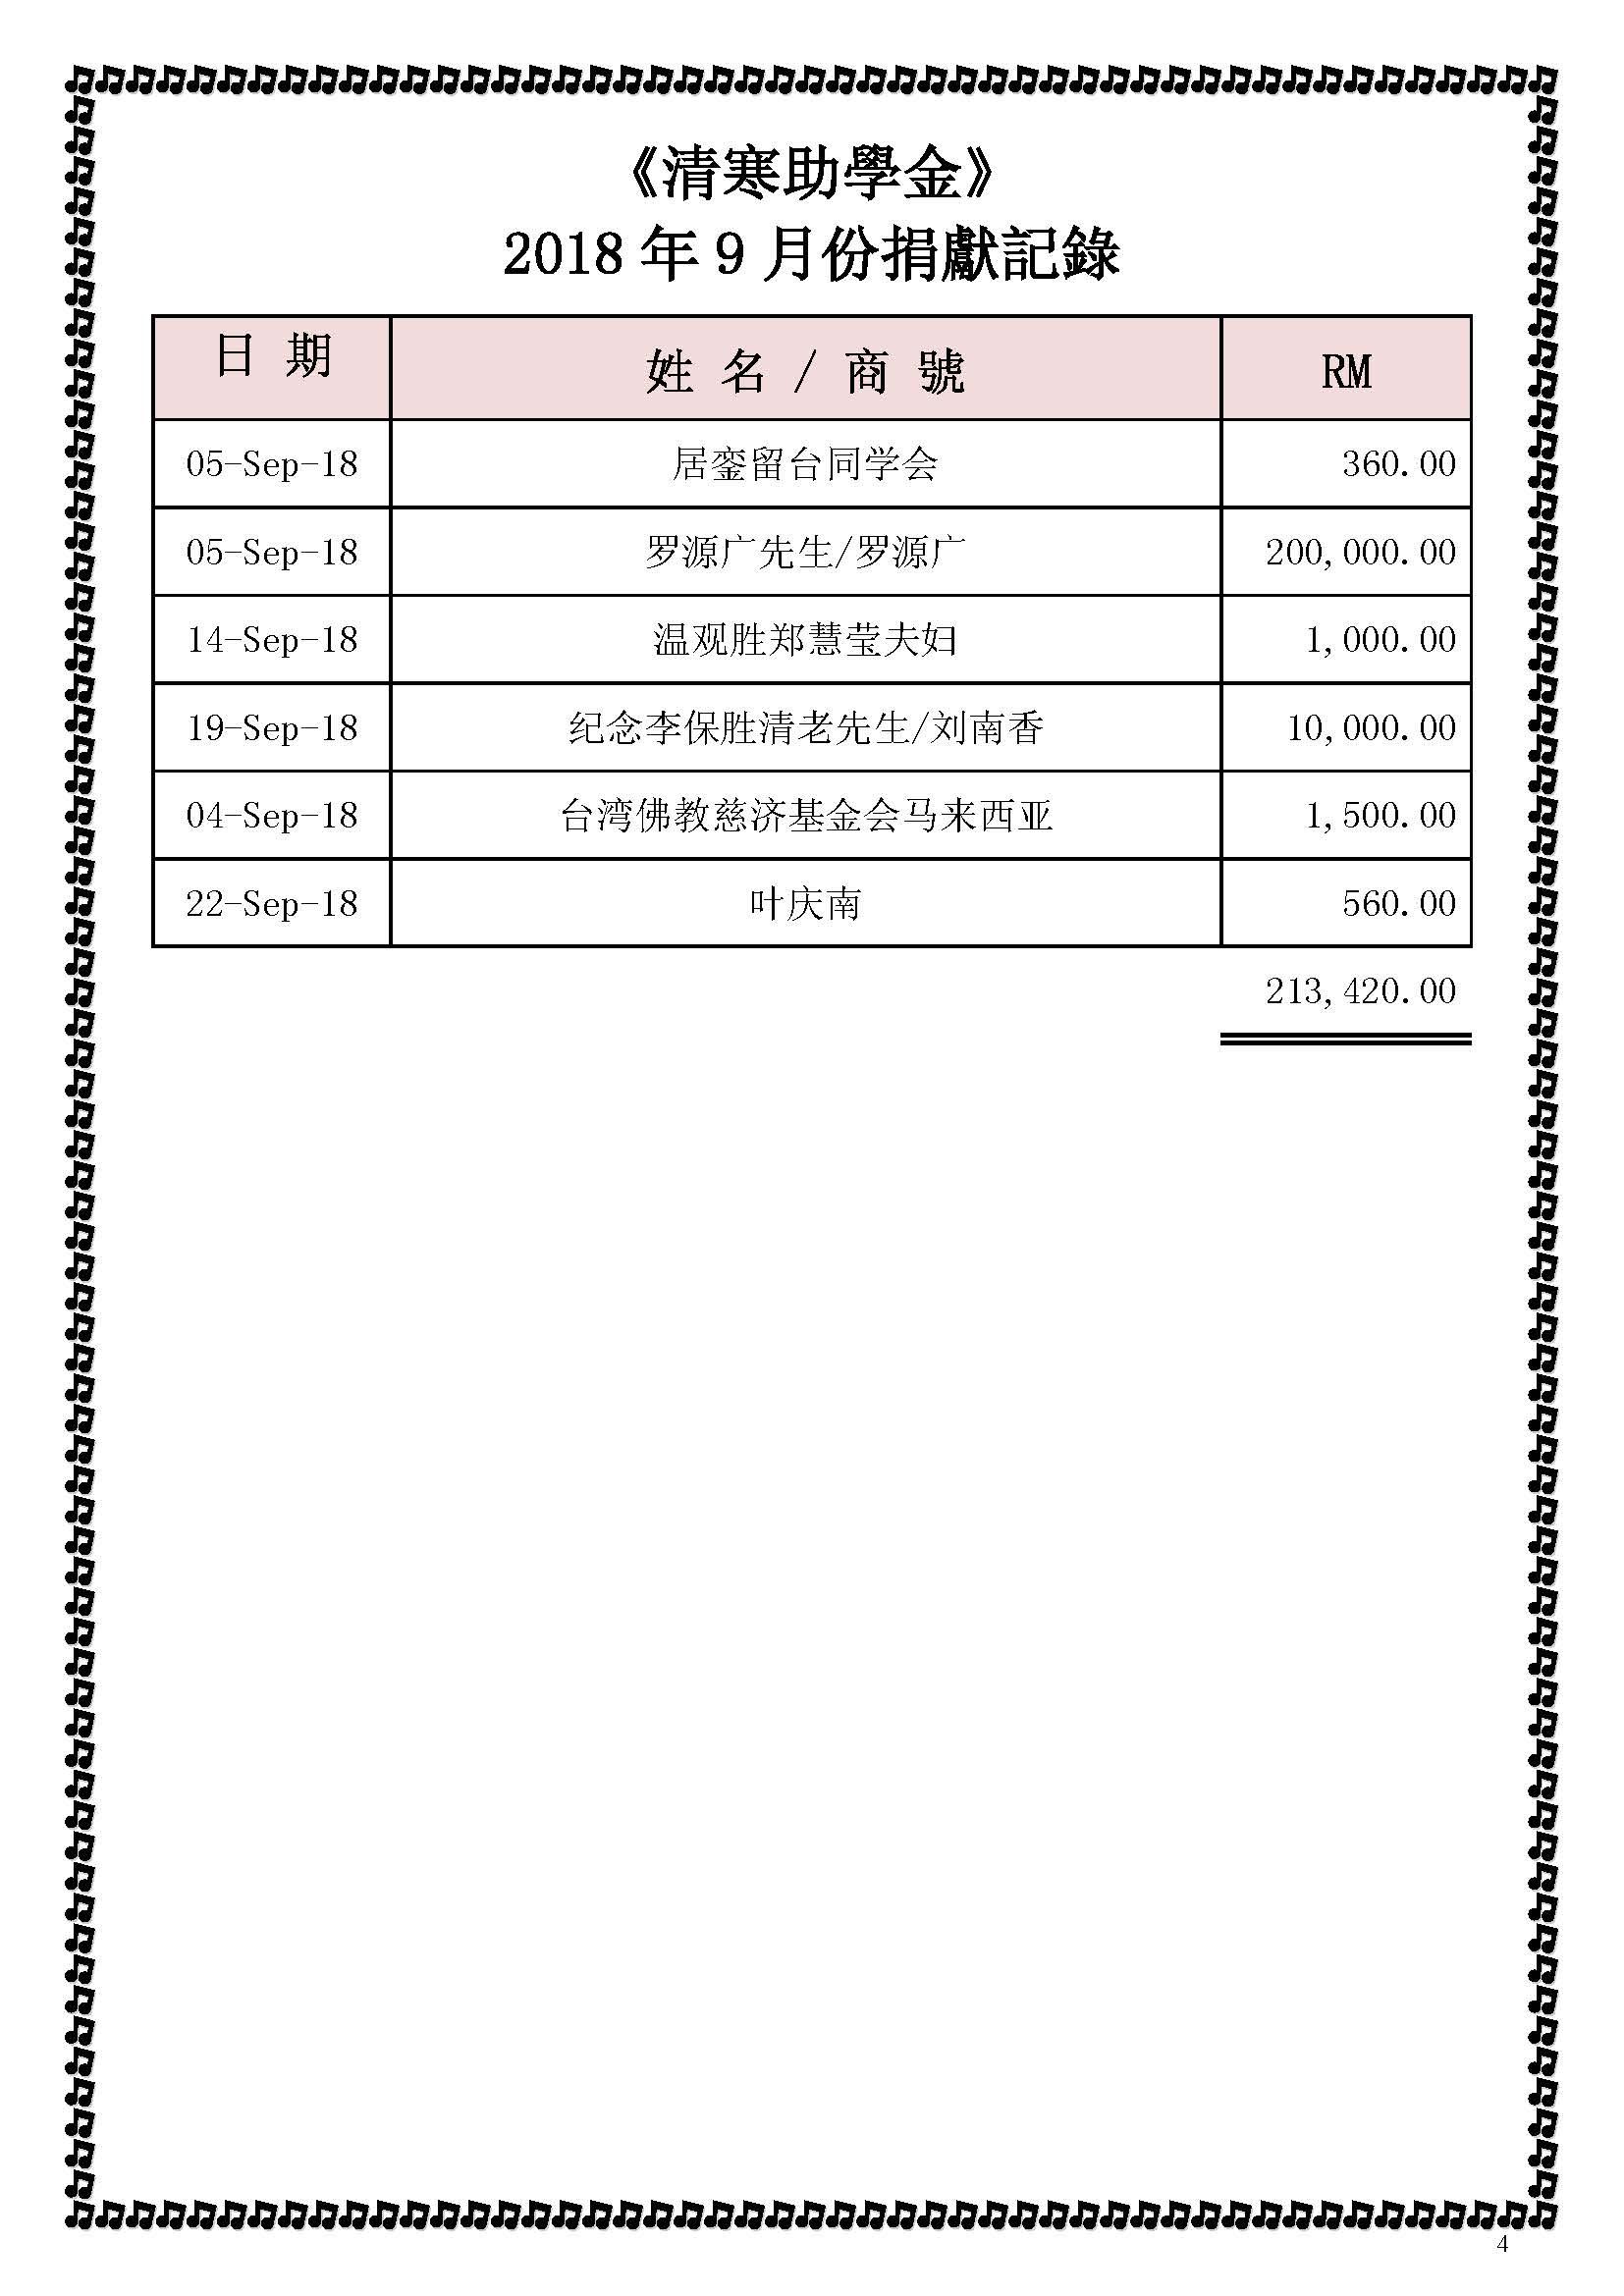 2018年9月份捐獻記錄—修改后_Page_4